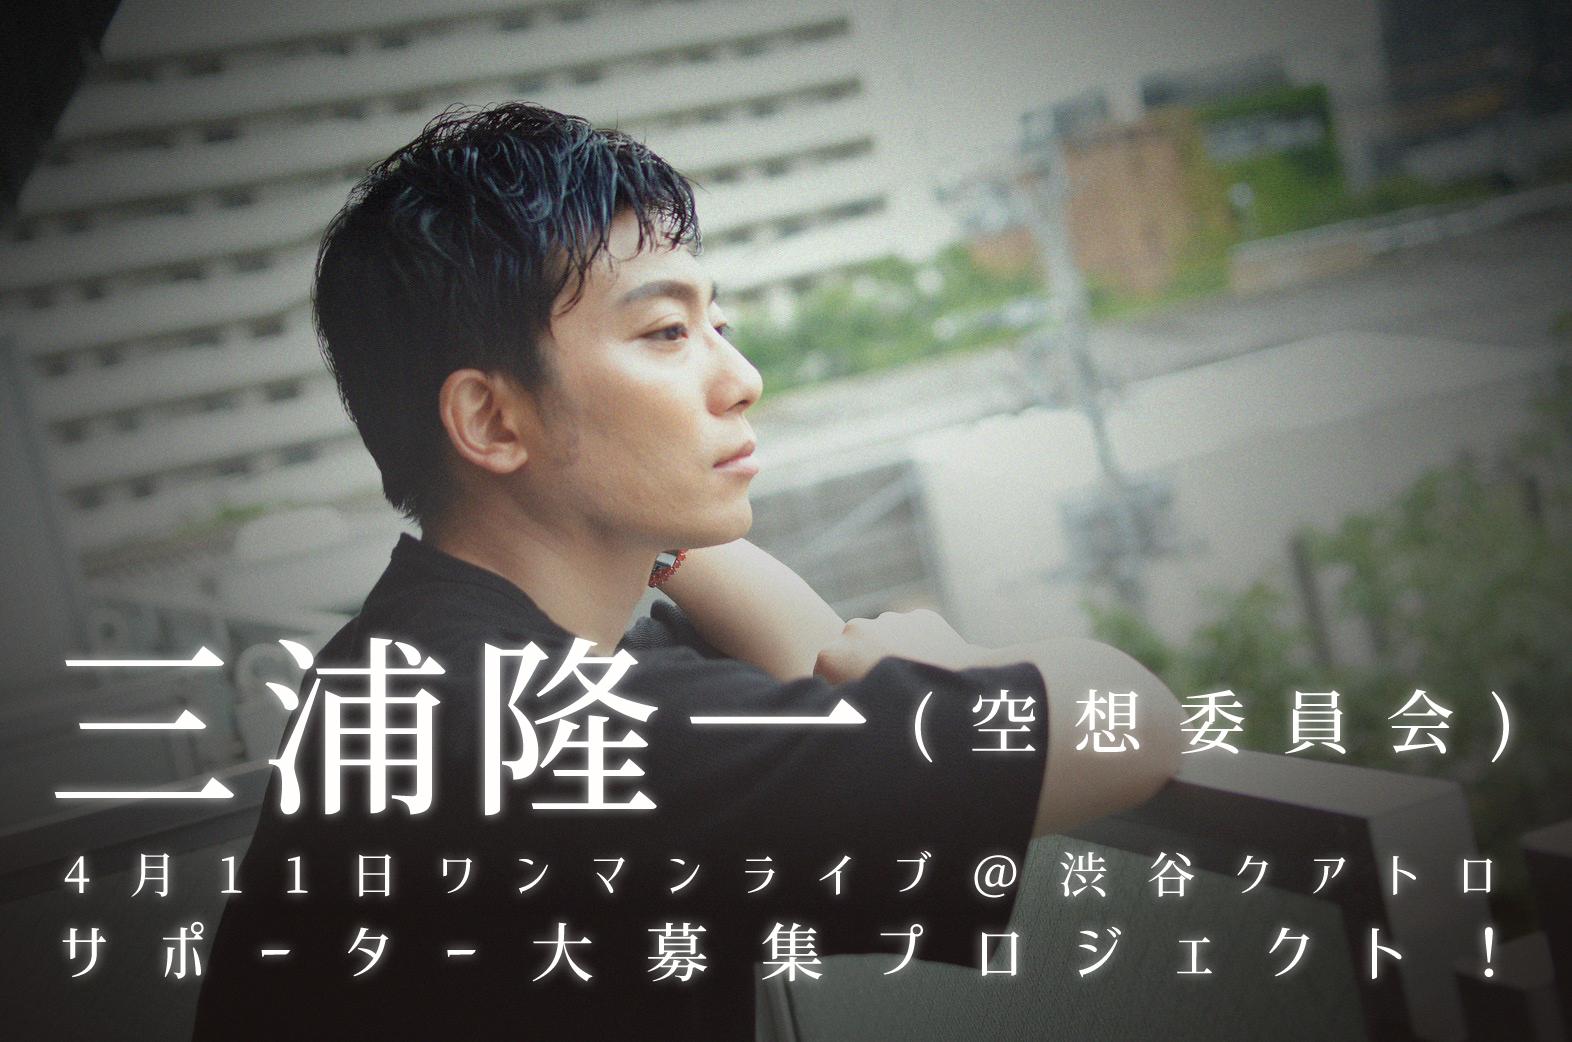 4月11日開催!「三浦隆一(空想委員会)」のワンマンライブ@渋谷クラブクアトロを一緒に楽しんでくれるサポーター大募集プロジェクト!